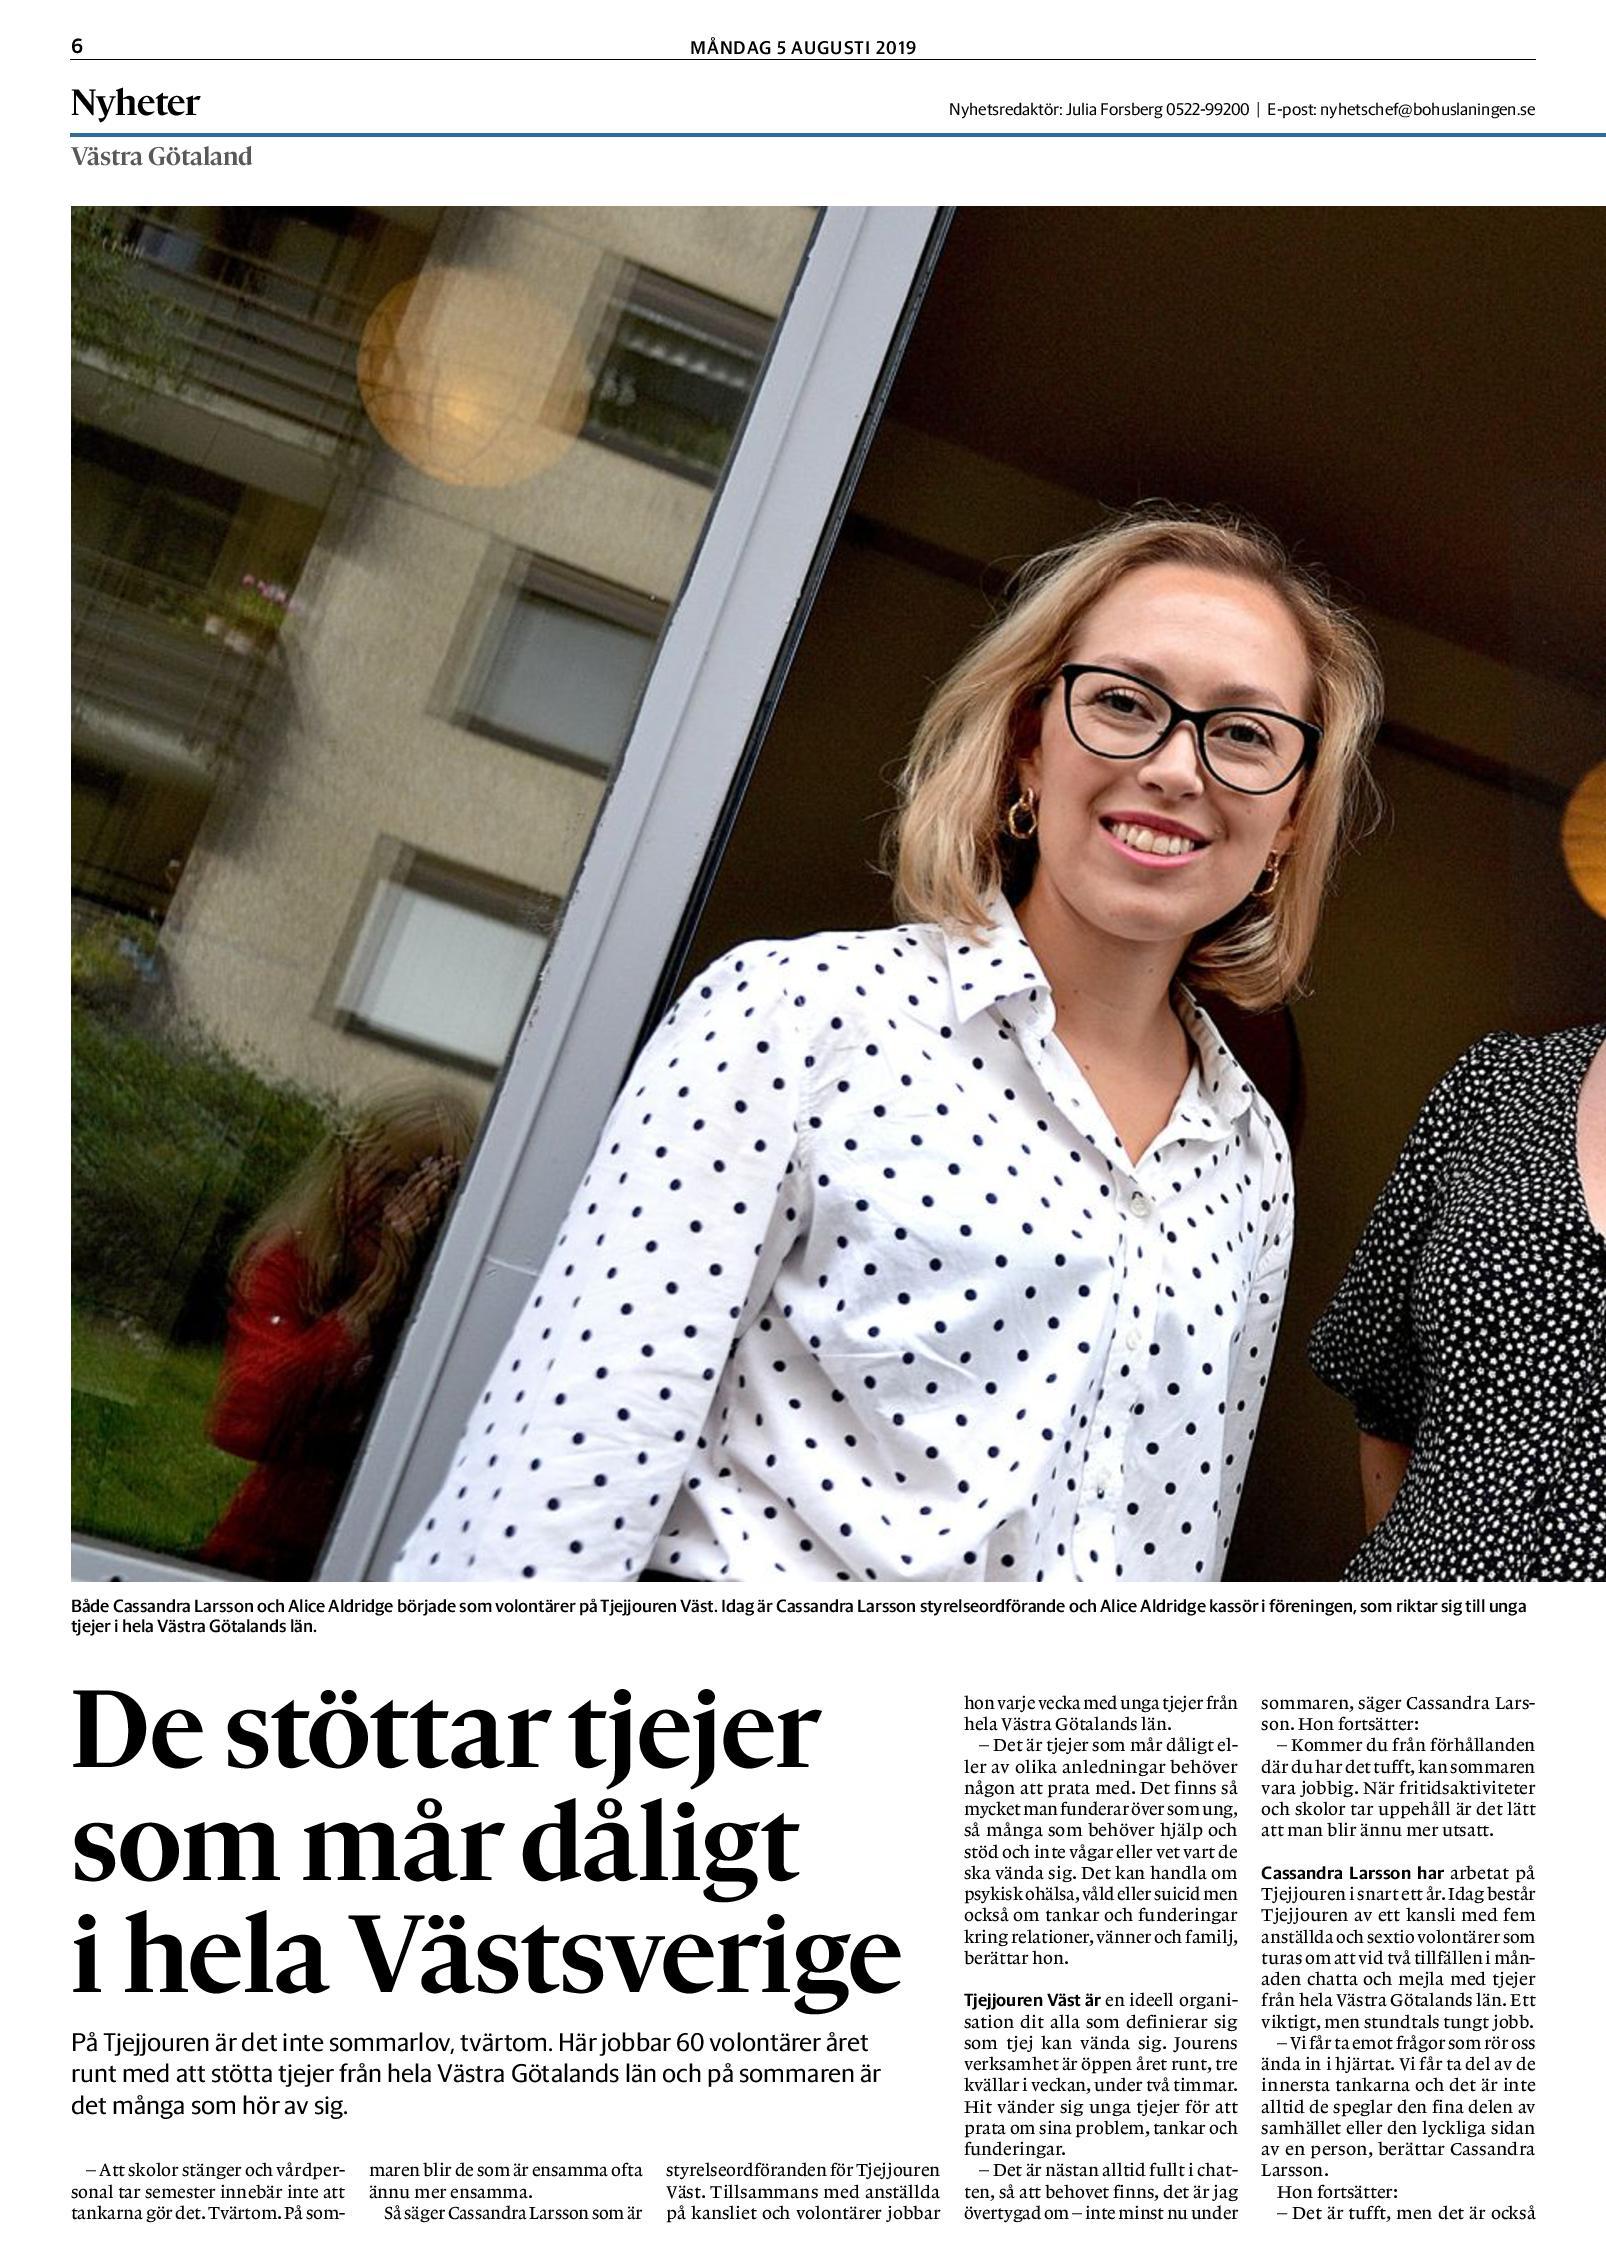 De stöttar tjejer som mår dåligt i hela Västsverige - Bohuslänningen 5 augusti 2019